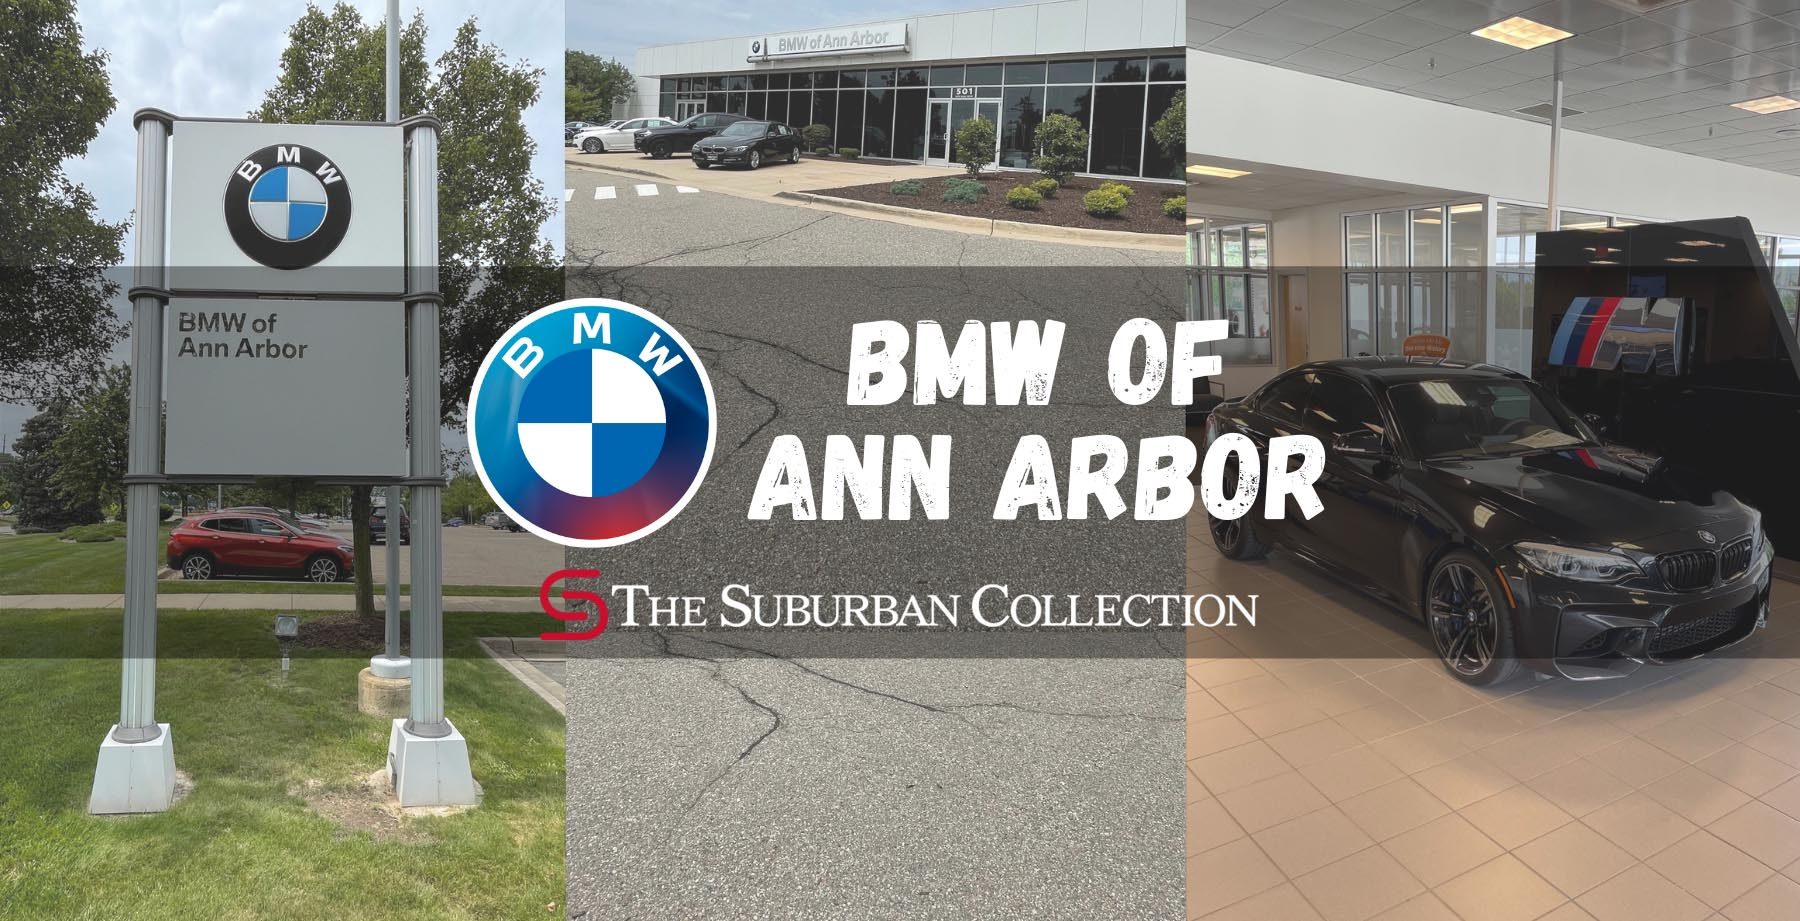 BMW of Ann Arbor